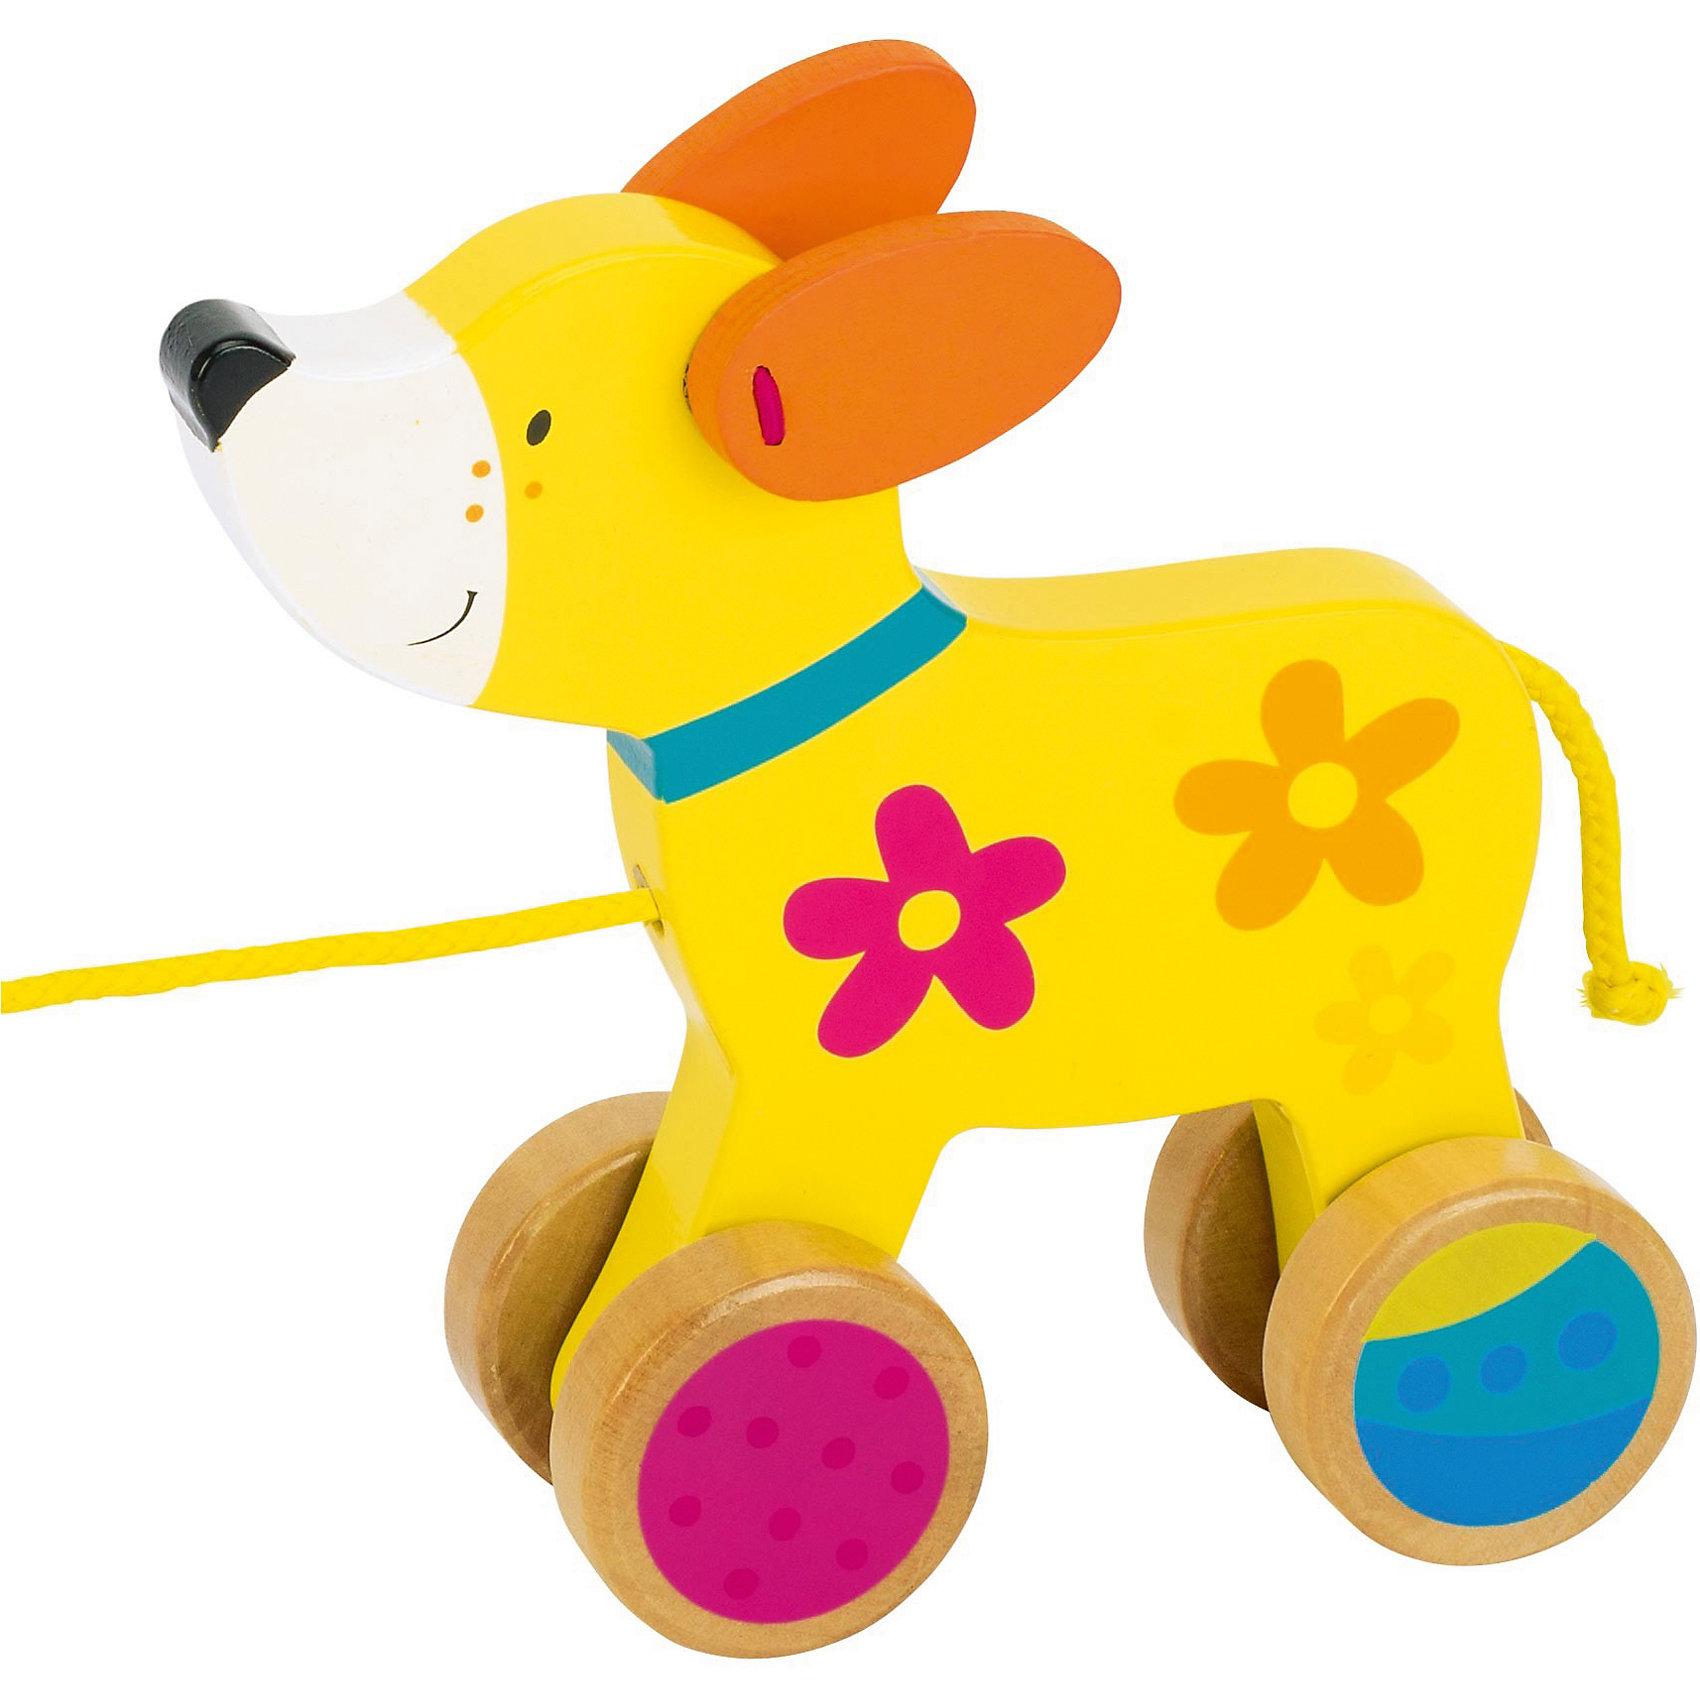 Каталка Собака Susibelle, gokiИгрушки-каталки<br>Характеристики товара:<br><br>- цвет: разноцветный;<br>- материал: дерево;<br>- размер упаковки: 16 x 5 x 15 см;<br>- вес: 225 г.<br><br>Детская красивая игрушка-каталка – отличный подарок для родителей и ребенка. В процессе игры с ней ребенок развивает моторику, тактильное восприятие, воображение, внимание и координацию движений. Собачка занимательно передвигается! Игрушка тщательно обработана, она сделана из безопасного дерева. Игрушка разработана специально для маленьких ручек ребёнка. <br>Такая игрушка позволит малышу с детства развивать цветовосприятие, также она помогает детям научиться фокусировать внимание. Изделие произведено из качественных материалов, безопасных для ребенка.<br><br>Игрушку Каталка Собака Susibelle от бренда GOKI можно купить в нашем интернет-магазине.<br><br>Ширина мм: 160<br>Глубина мм: 50<br>Высота мм: 150<br>Вес г: 225<br>Возраст от месяцев: 12<br>Возраст до месяцев: 36<br>Пол: Унисекс<br>Возраст: Детский<br>SKU: 5155300